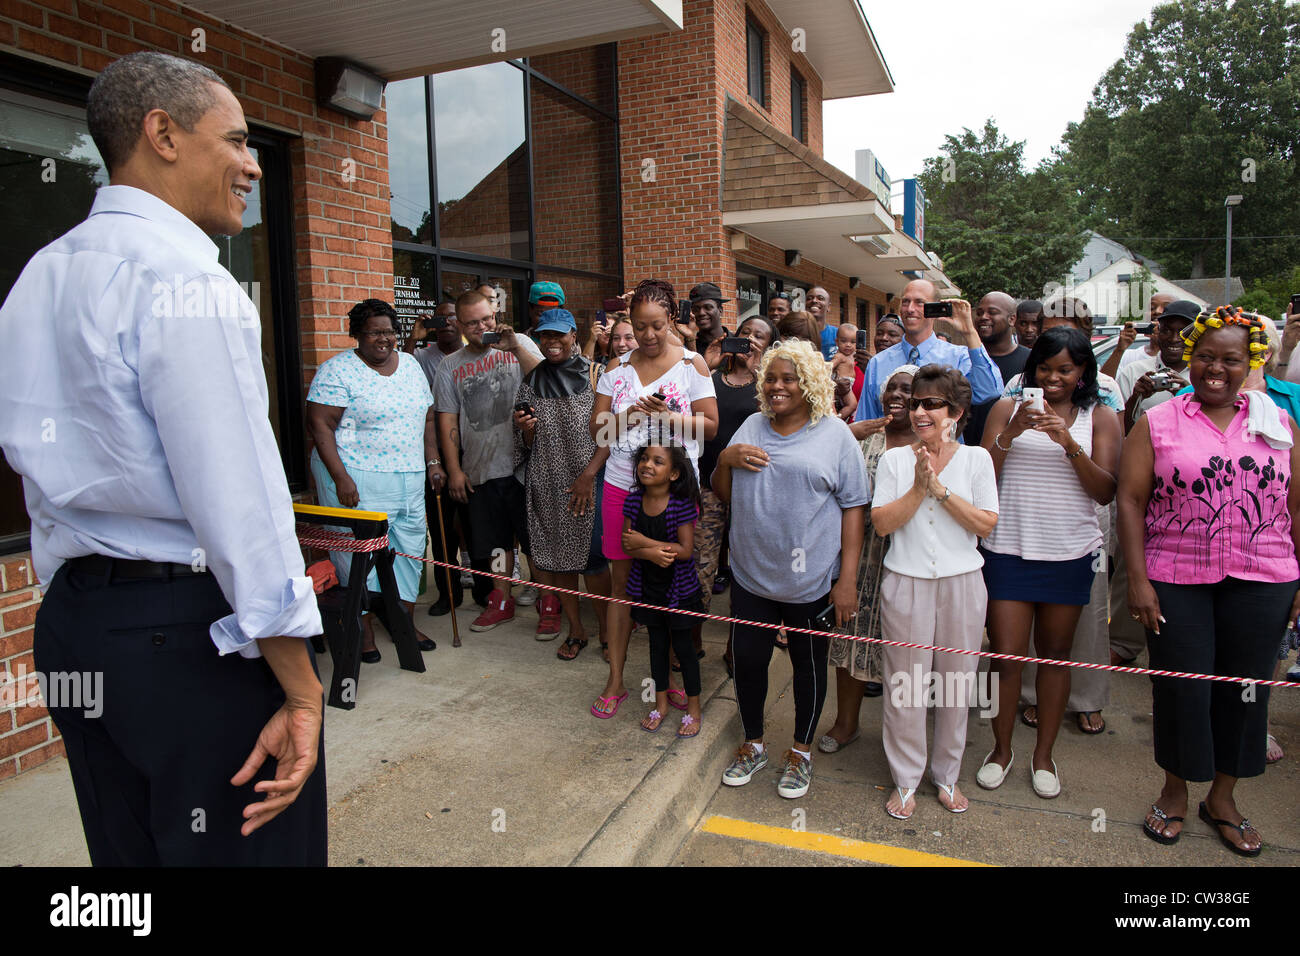 Le président Barack Obama parle avec des partisans à la suite d'une visite à RickÕs Cafe Photo Stock